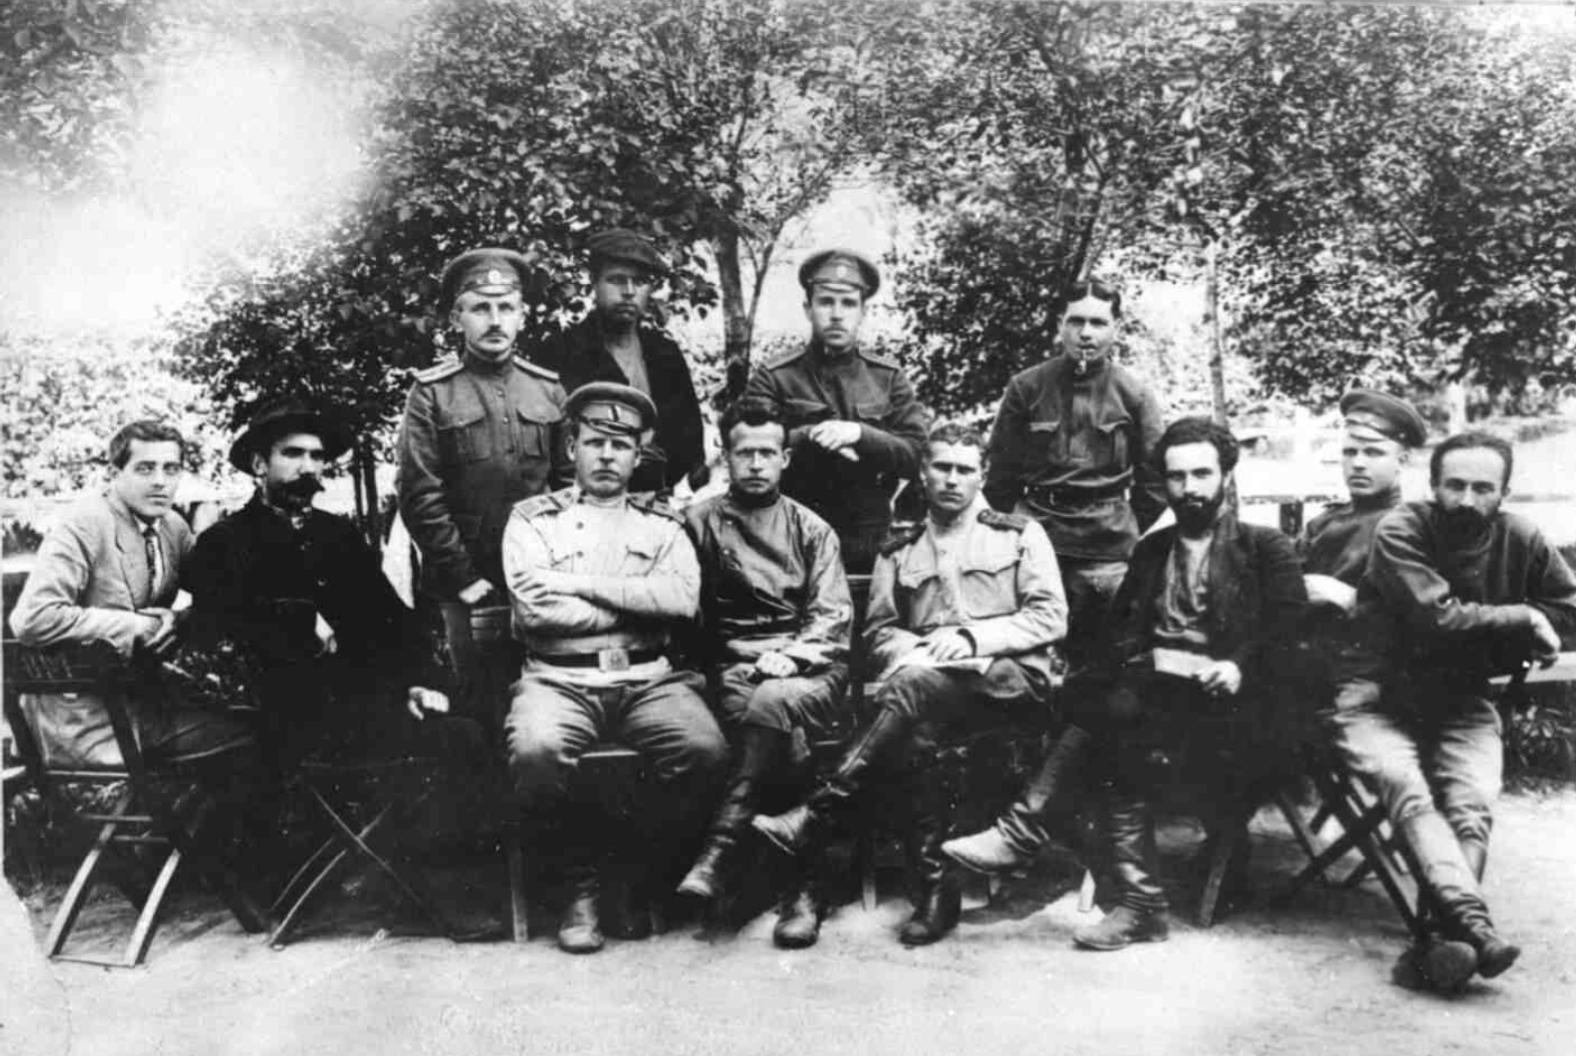 Фракция с. д. большевиков I-го Всероссийского съезда крестьянских депутатов, май 1917